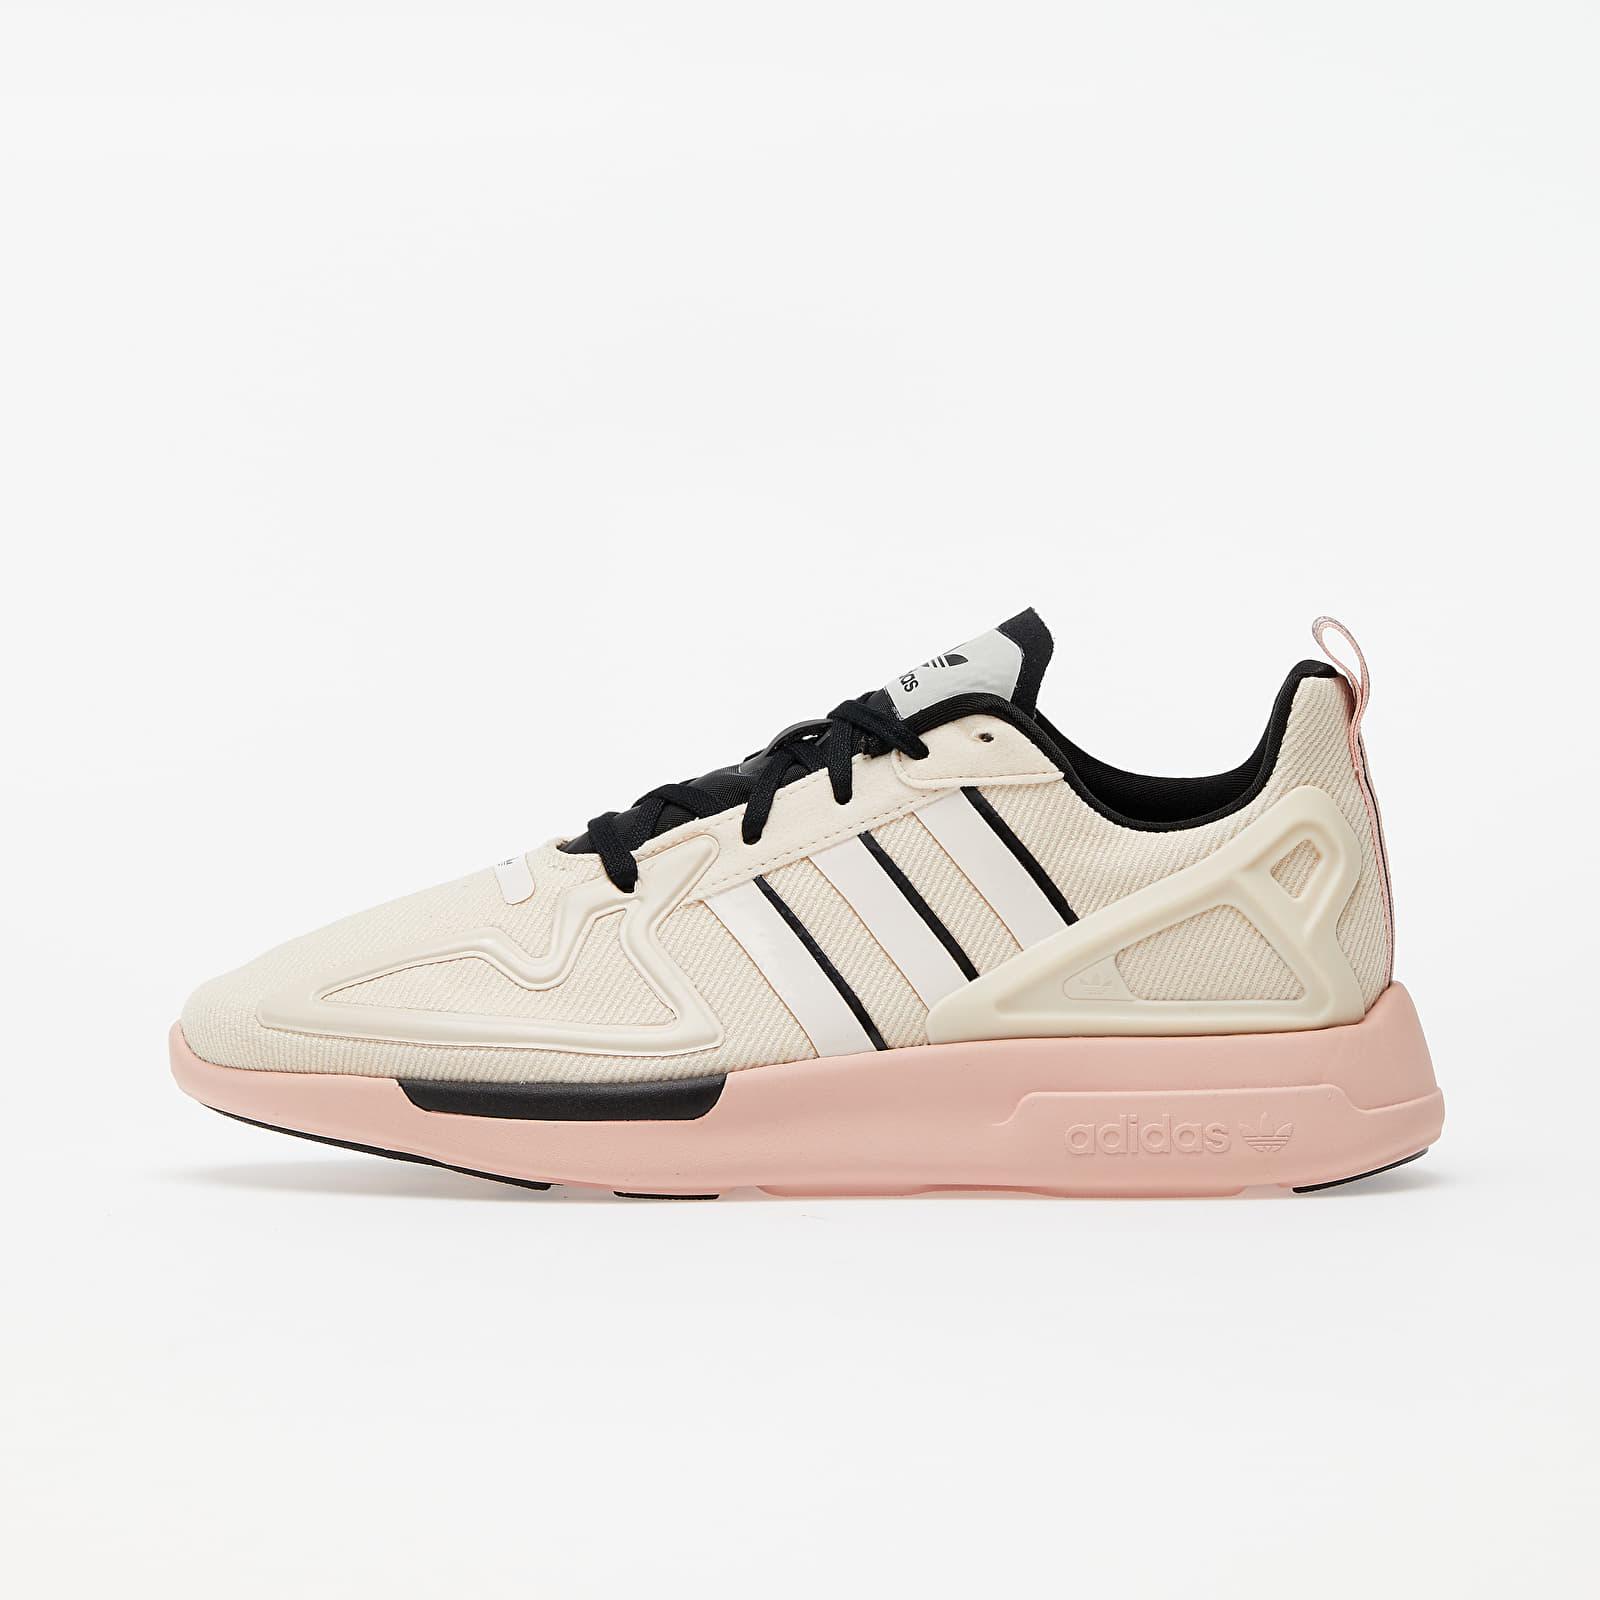 adidas ZX 2K Flux W Linen/ Core Black/ Vapour Pink EUR 37 1/3